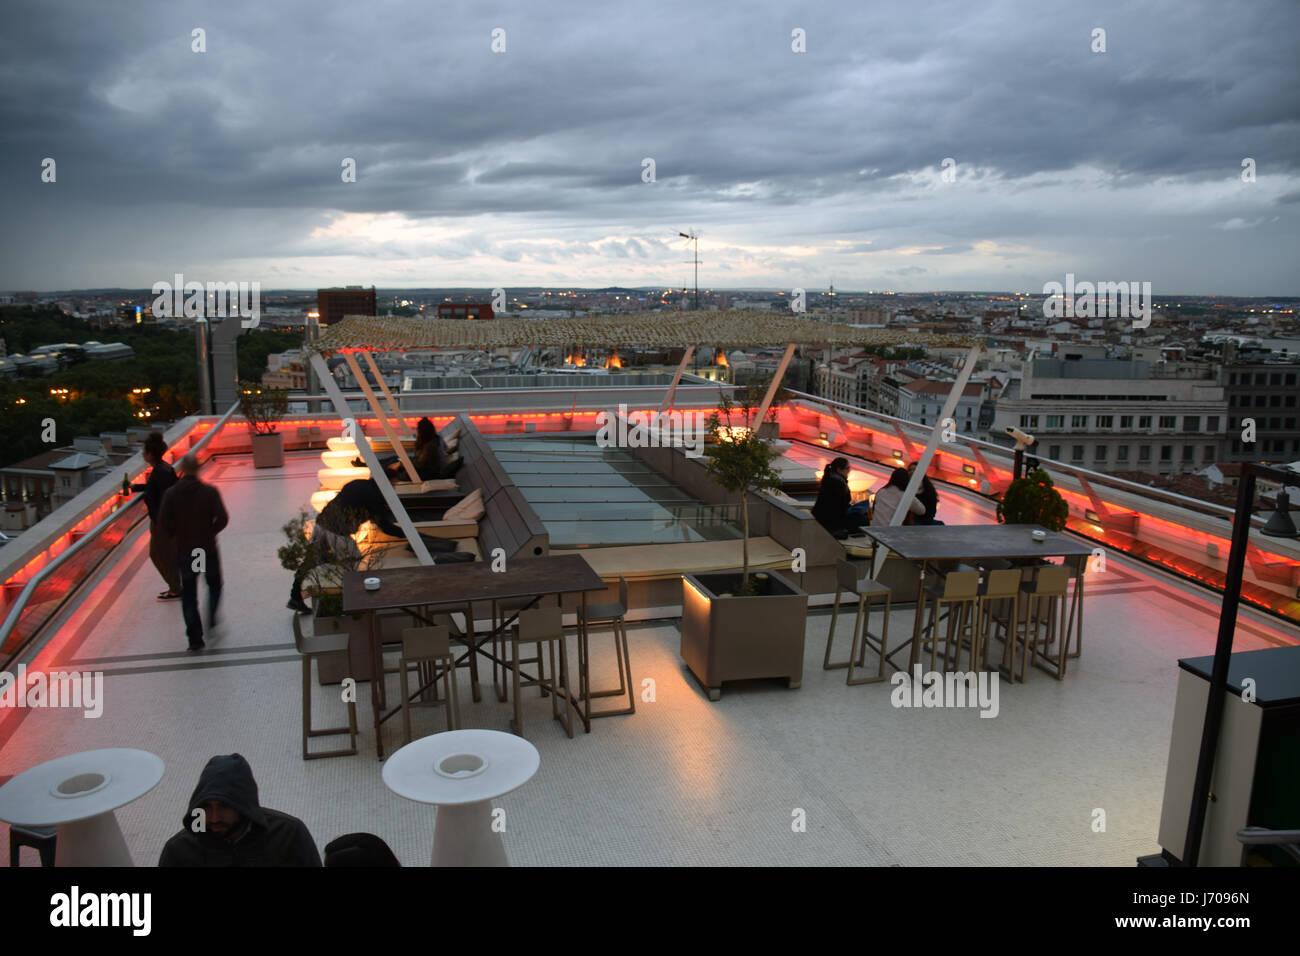 Rooftop Bar & Restaurante, Tartan de techo en la parte superior del Círculo de Bellas Artes, Madrid, España Imagen De Stock